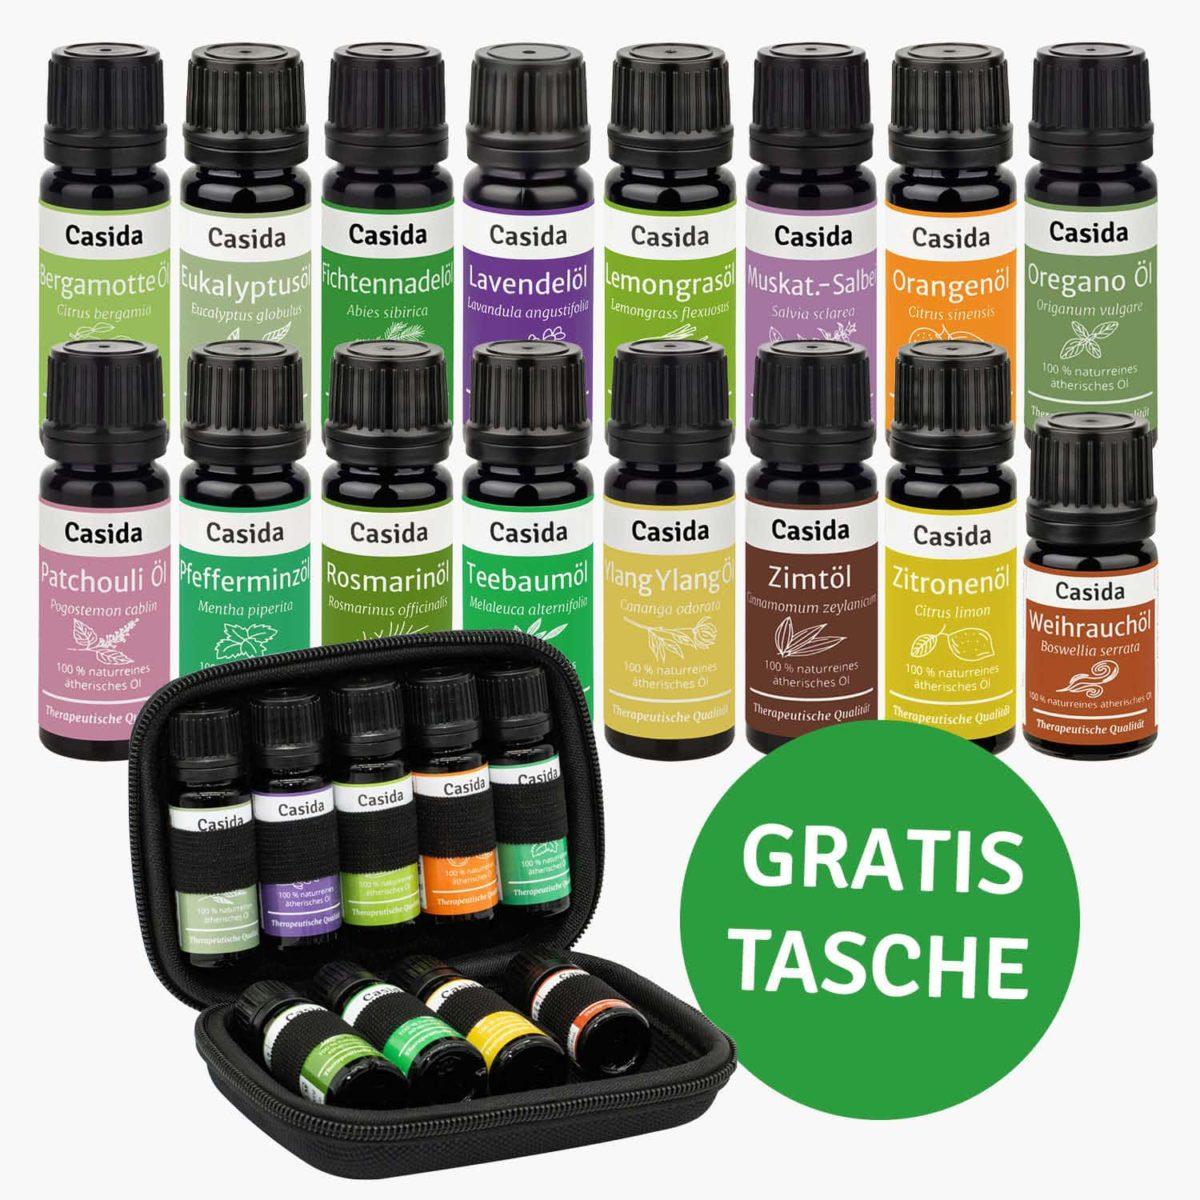 Casida TOP 16 Ätherische Öle Set mit Tasche Lavendelöl Orangenöl Weihrauchöl Bergamotte Oregano Patchouli Ylang Ylang Zimtöl naturrein